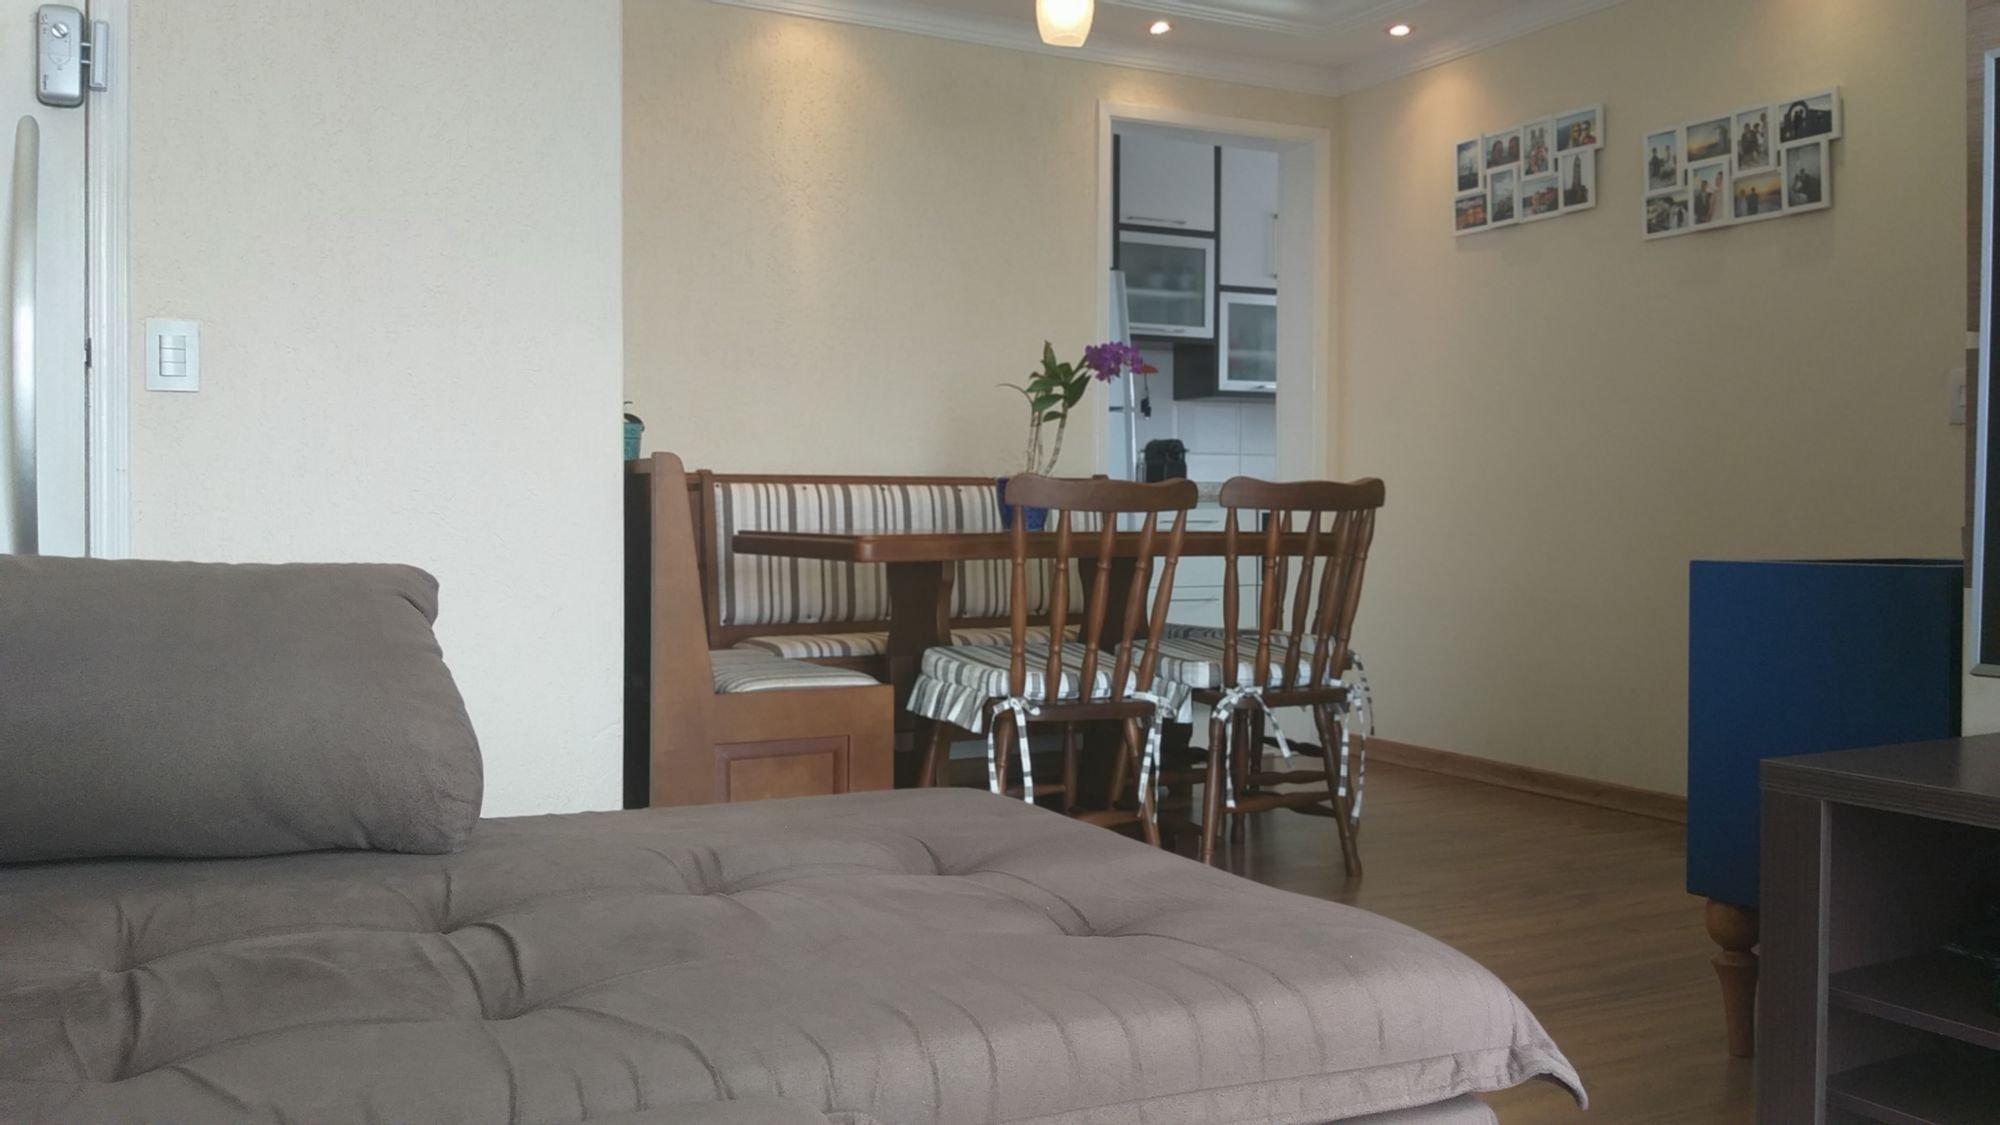 Foto de Sala com cama, vaso, cadeira